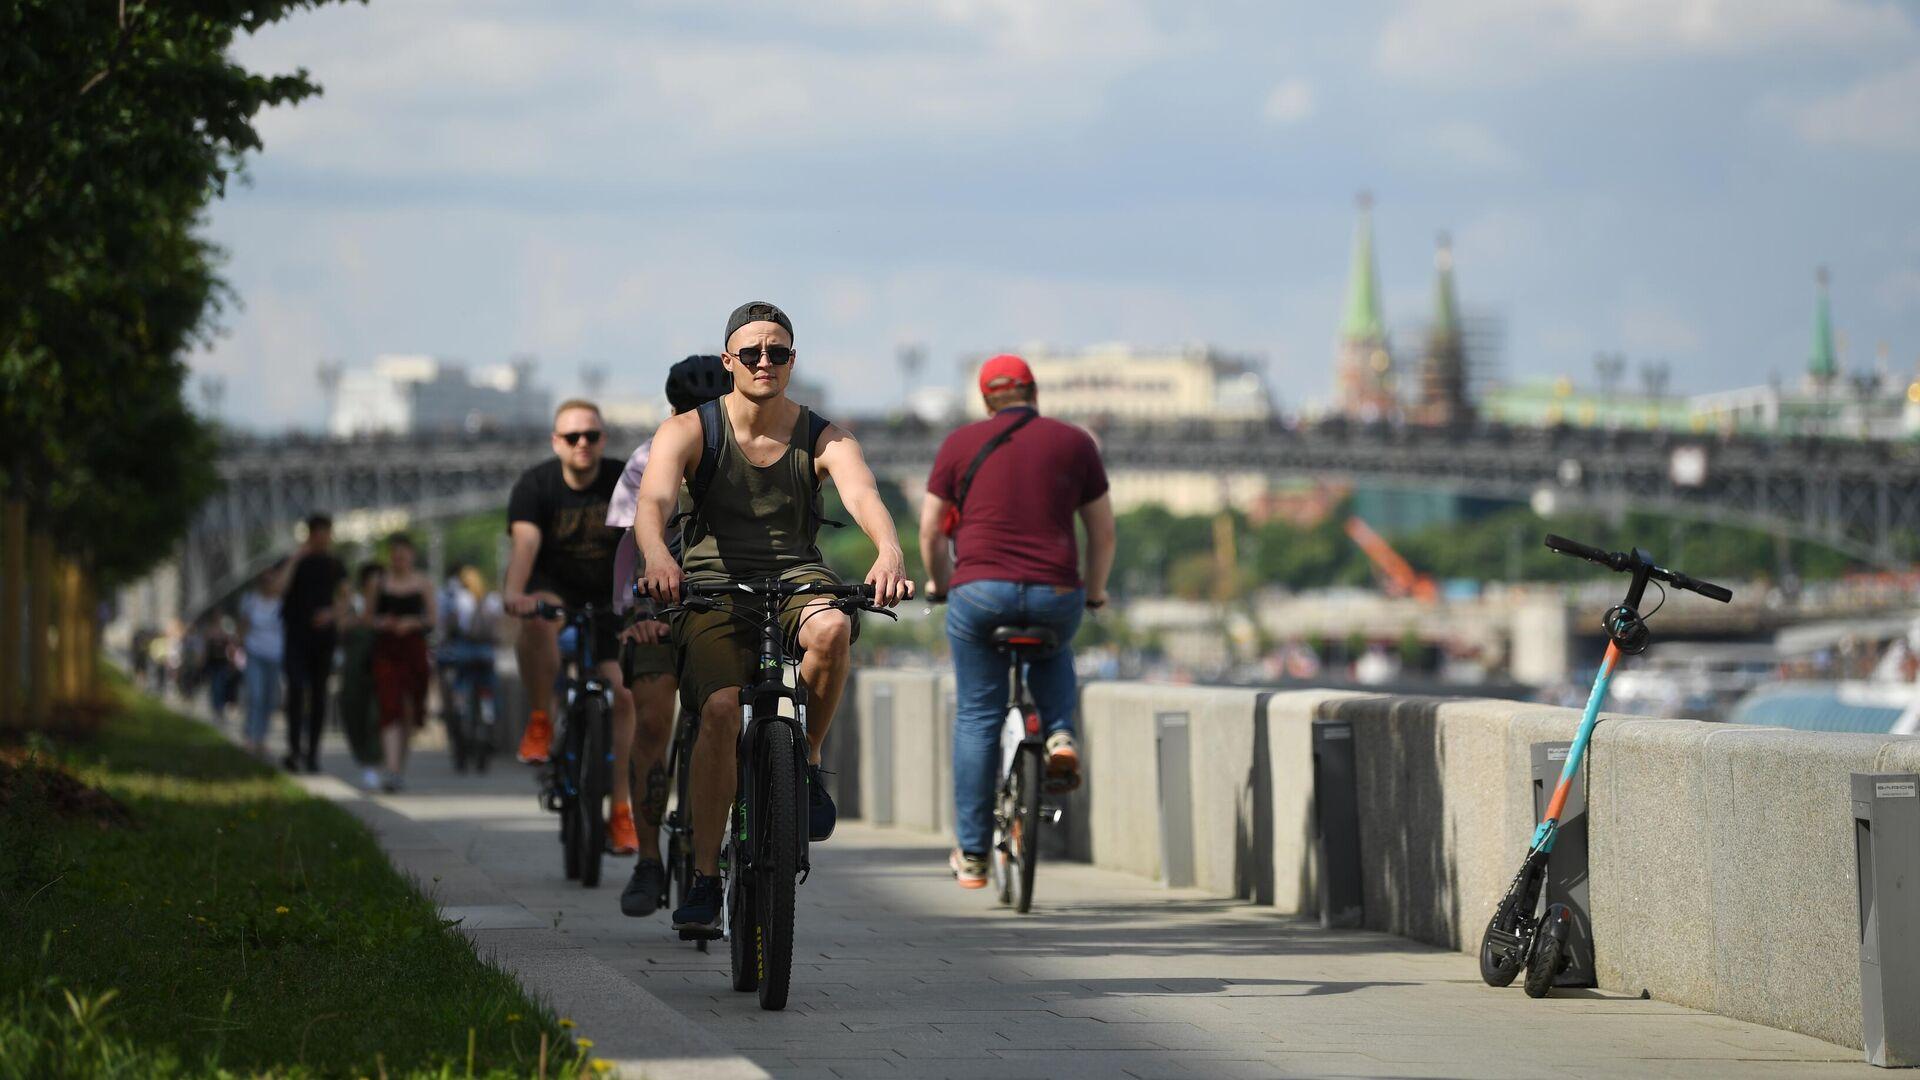 Люди катаются на велосипедах на Фрунзенской набережной в Москве - РИА Новости, 1920, 05.08.2021